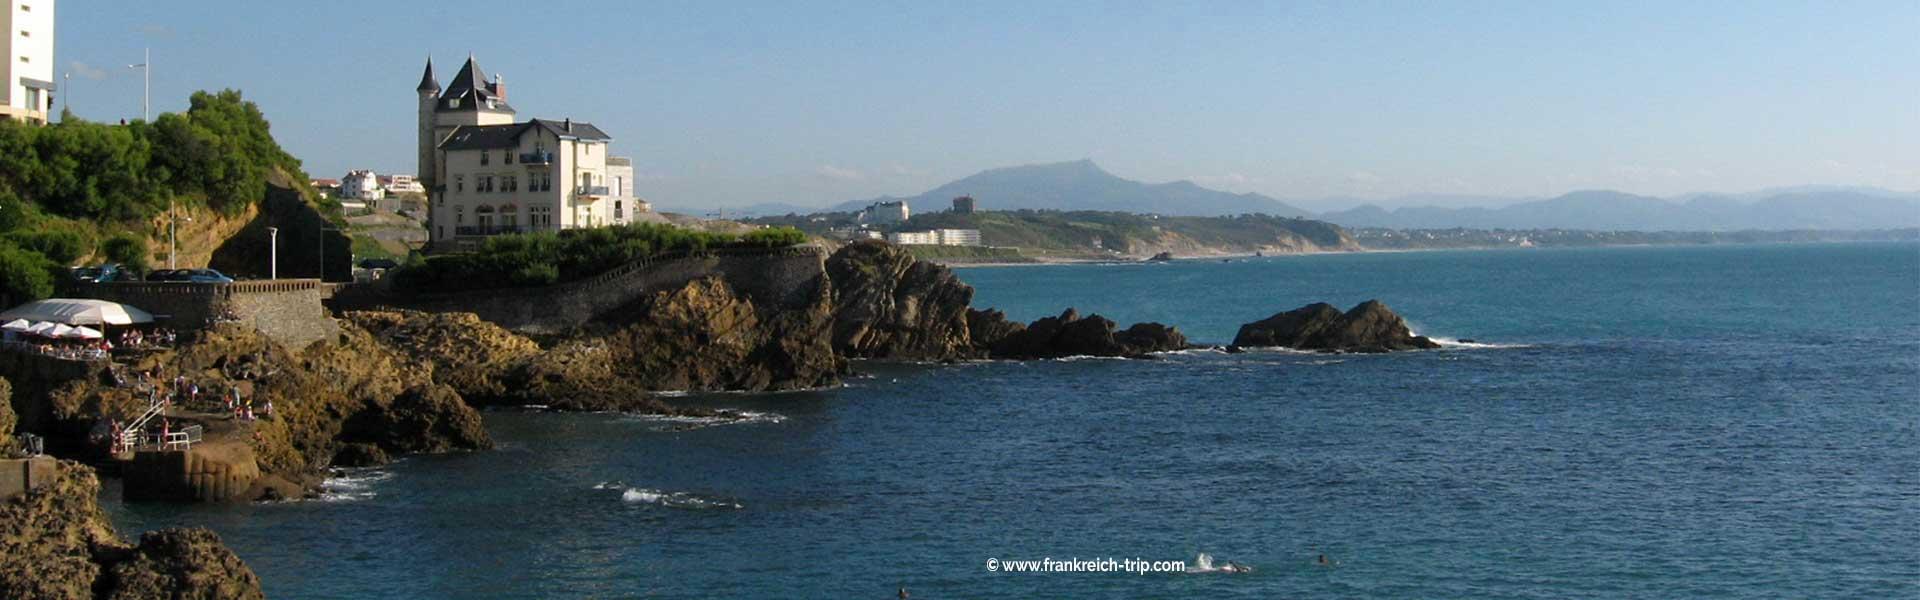 Biarritz Urlaub südliche Atlantikküste Frankreich